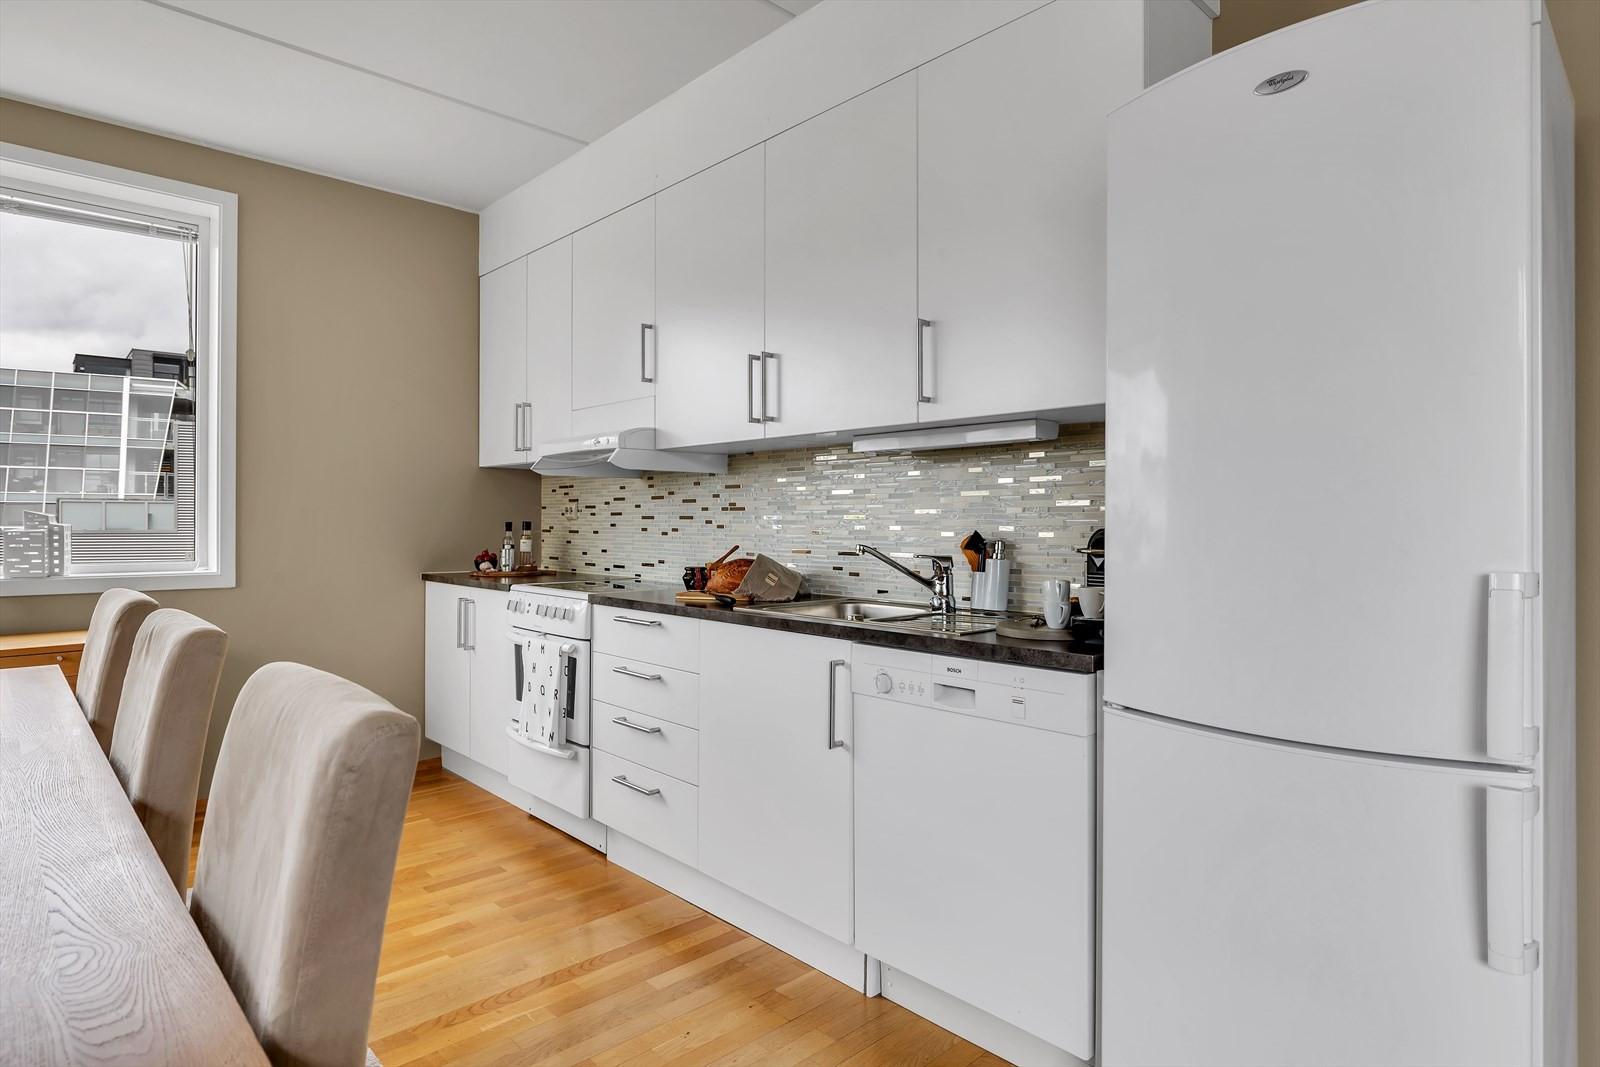 Kjøkkeninnredning med god oppbevaringsplass og fliser over benk.